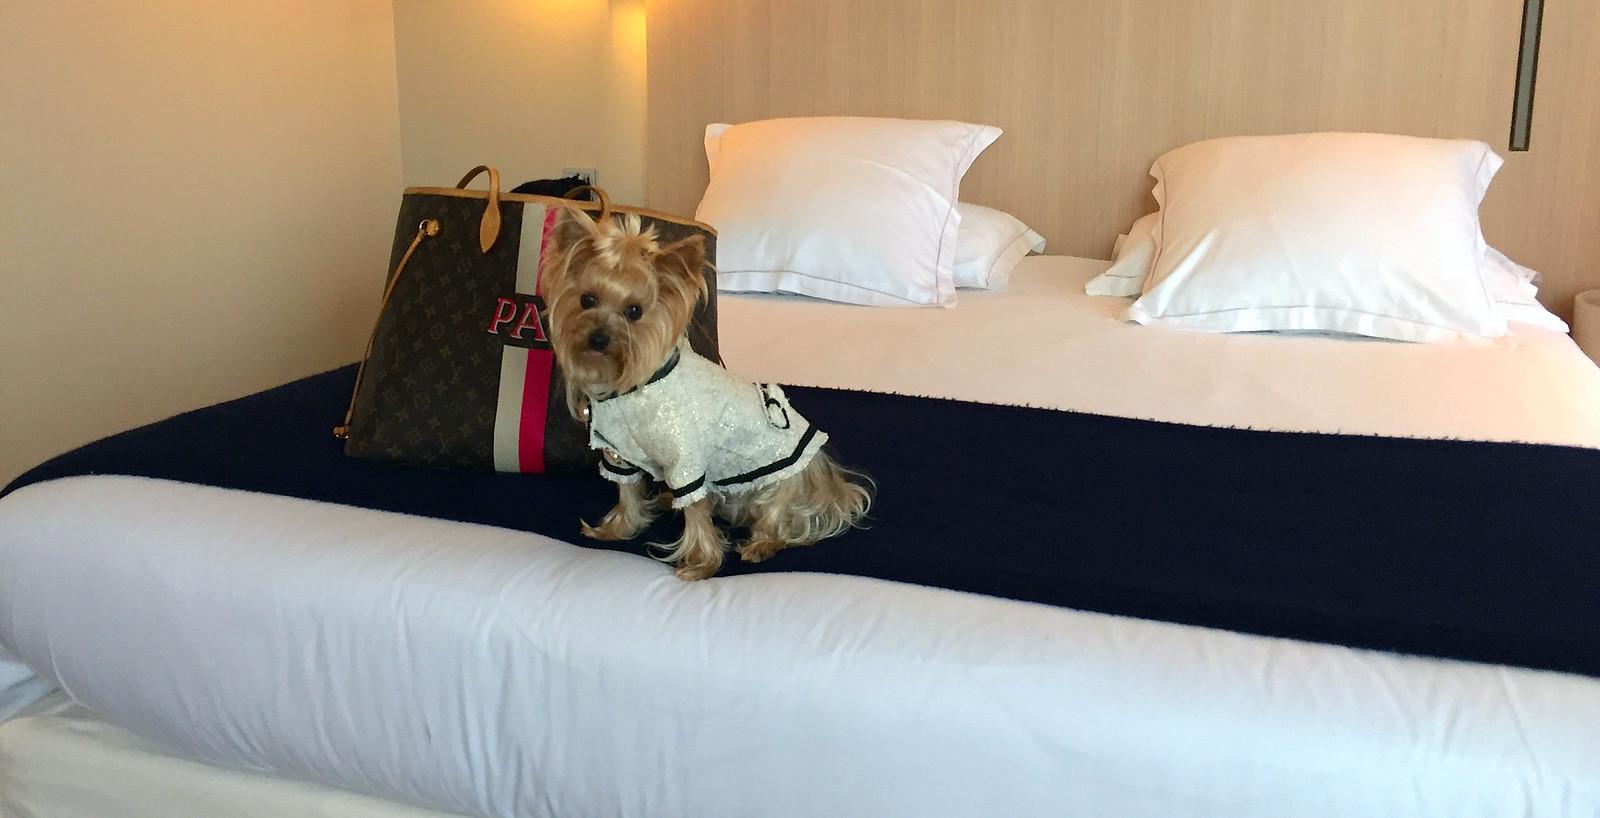 Viajar a Paris con Perro - Hotel de Nell Paris viajar a paris con perro - 34559999606 1fa44a2216 h - Viajar a Paris con perro